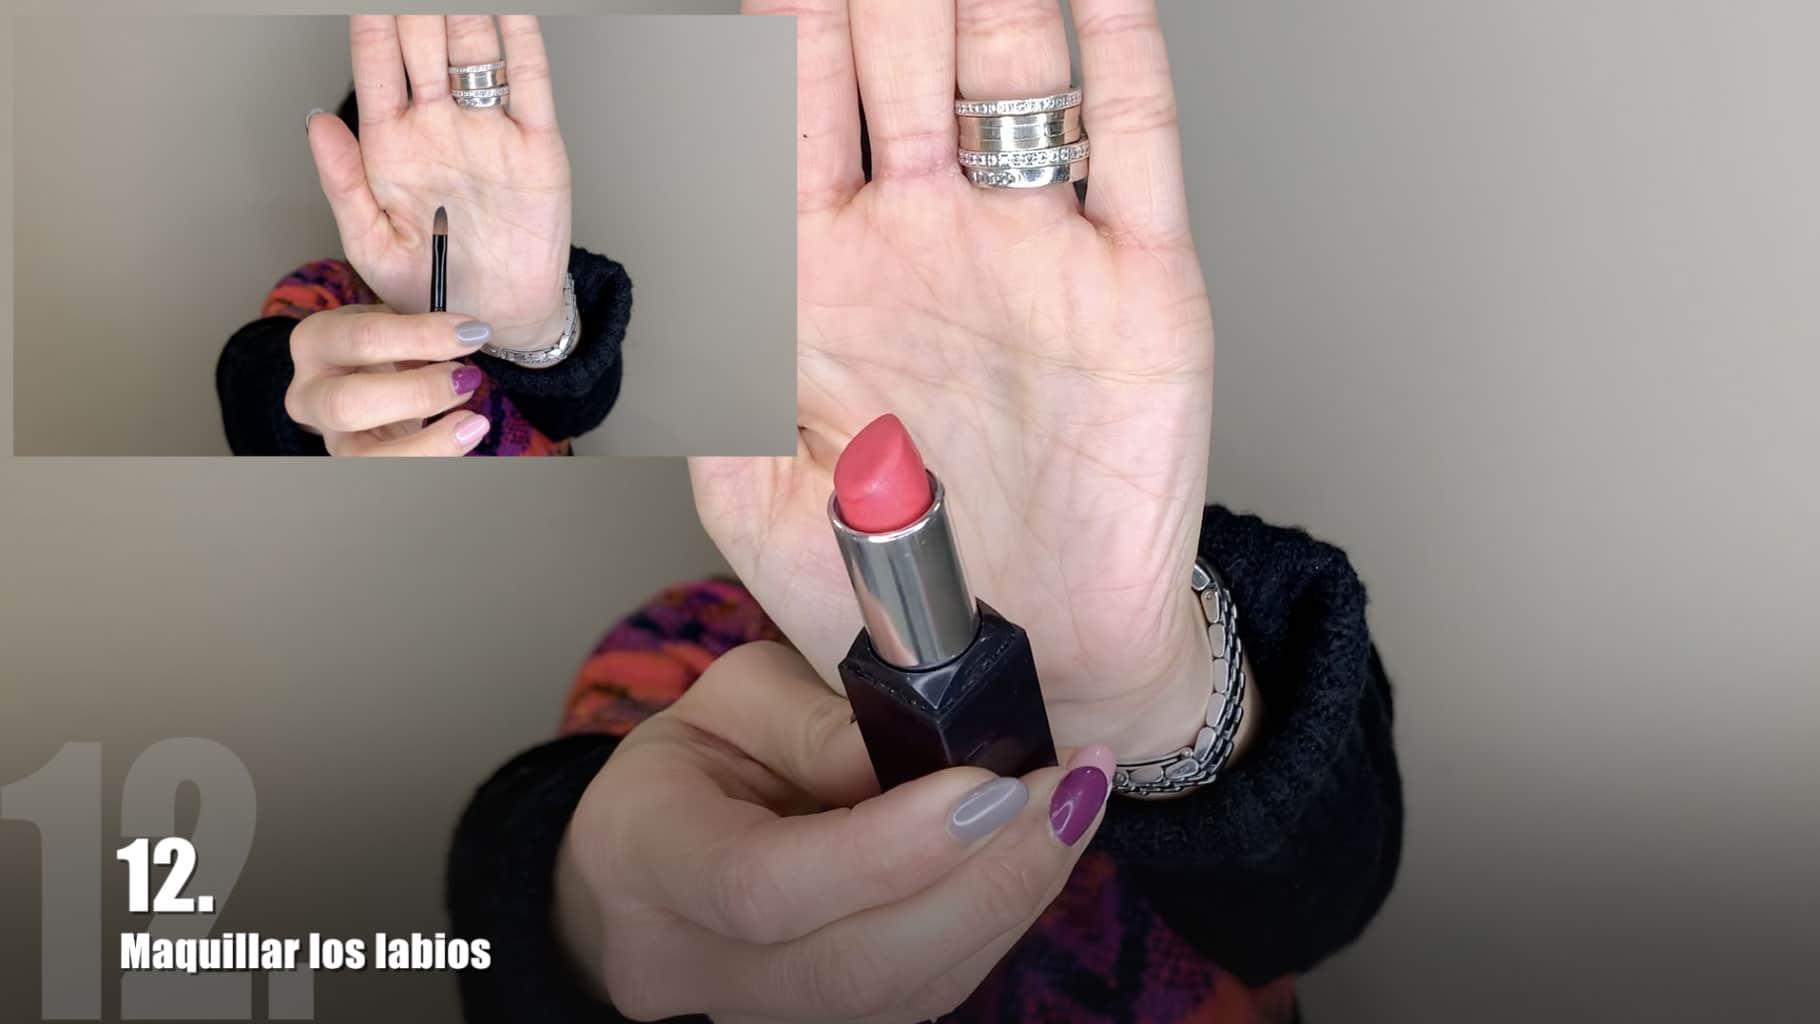 - Paso nº12. Maquillar los labios